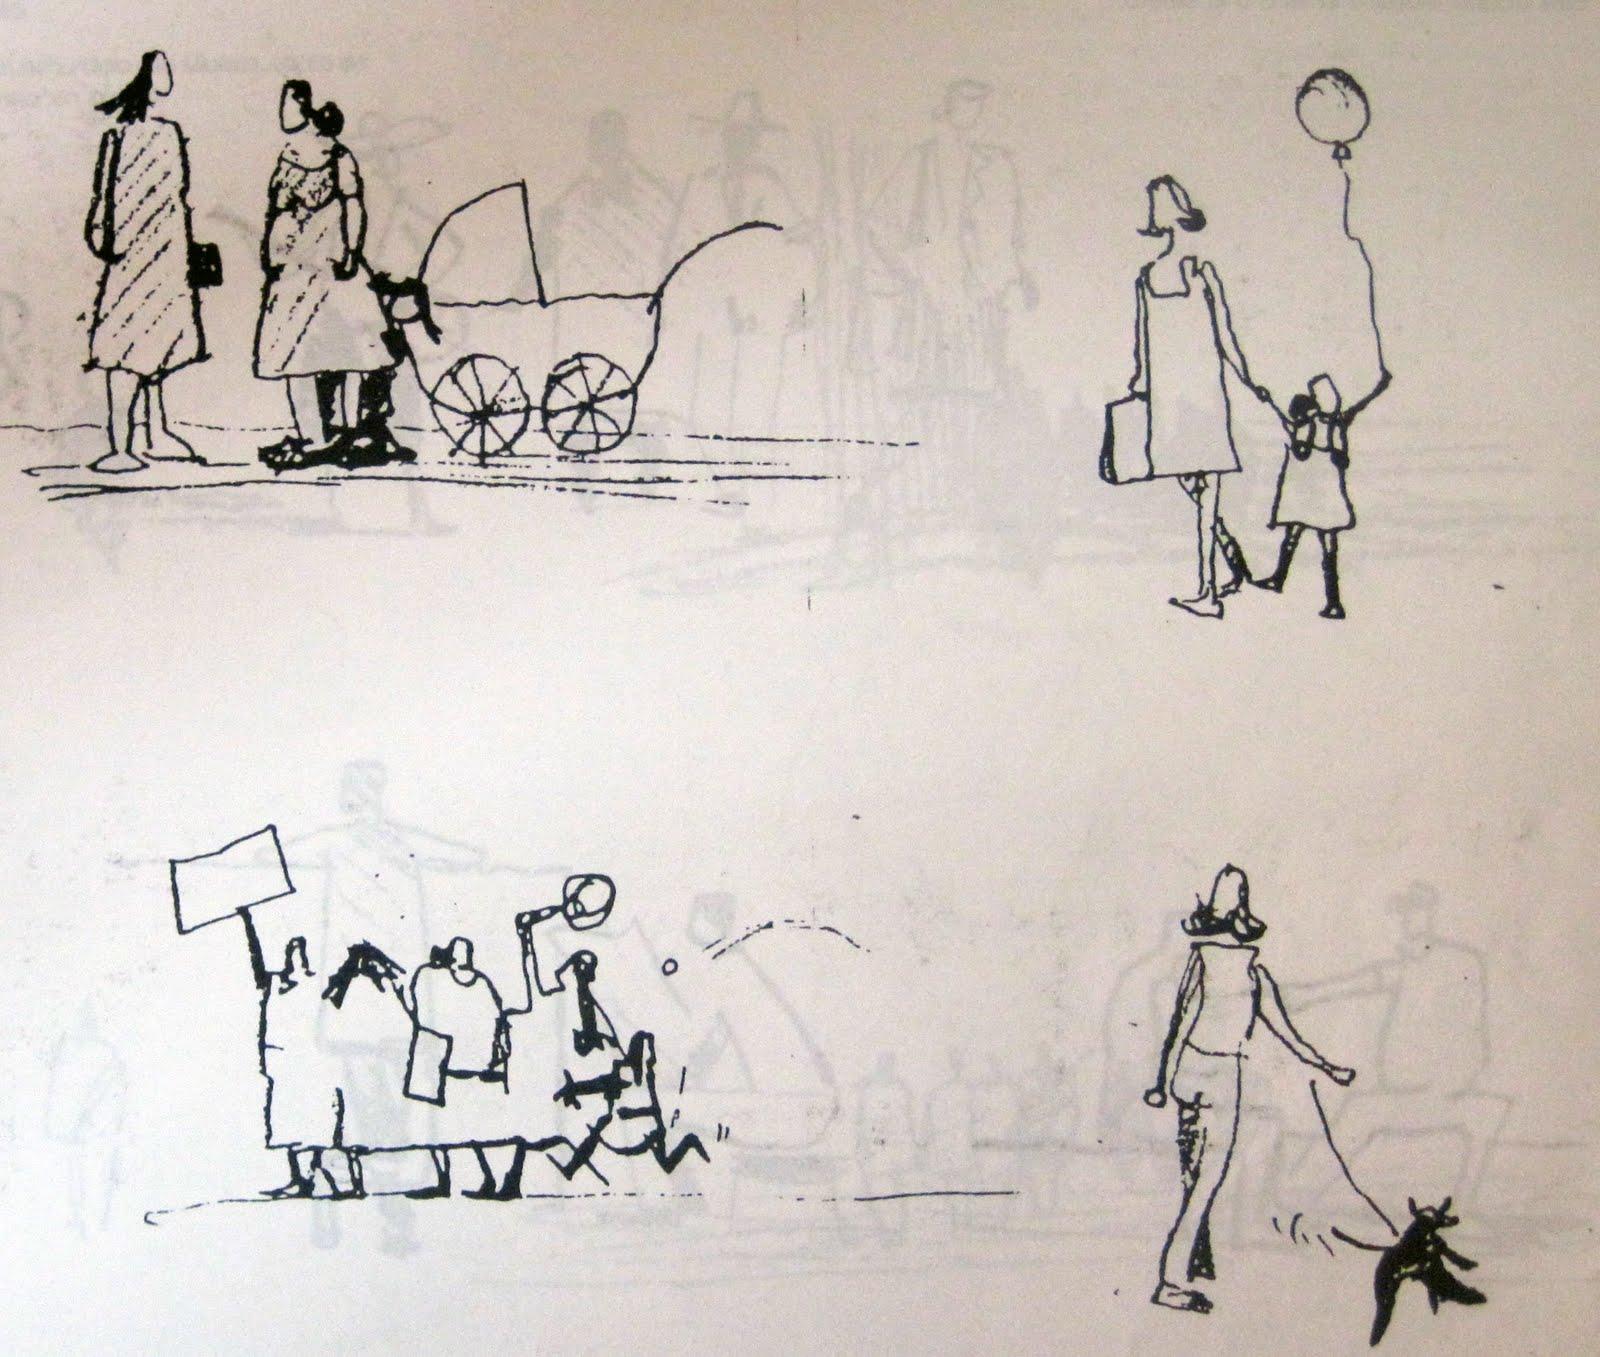 arquitectura usach 1 a o 2011 dibujo prospectivo i